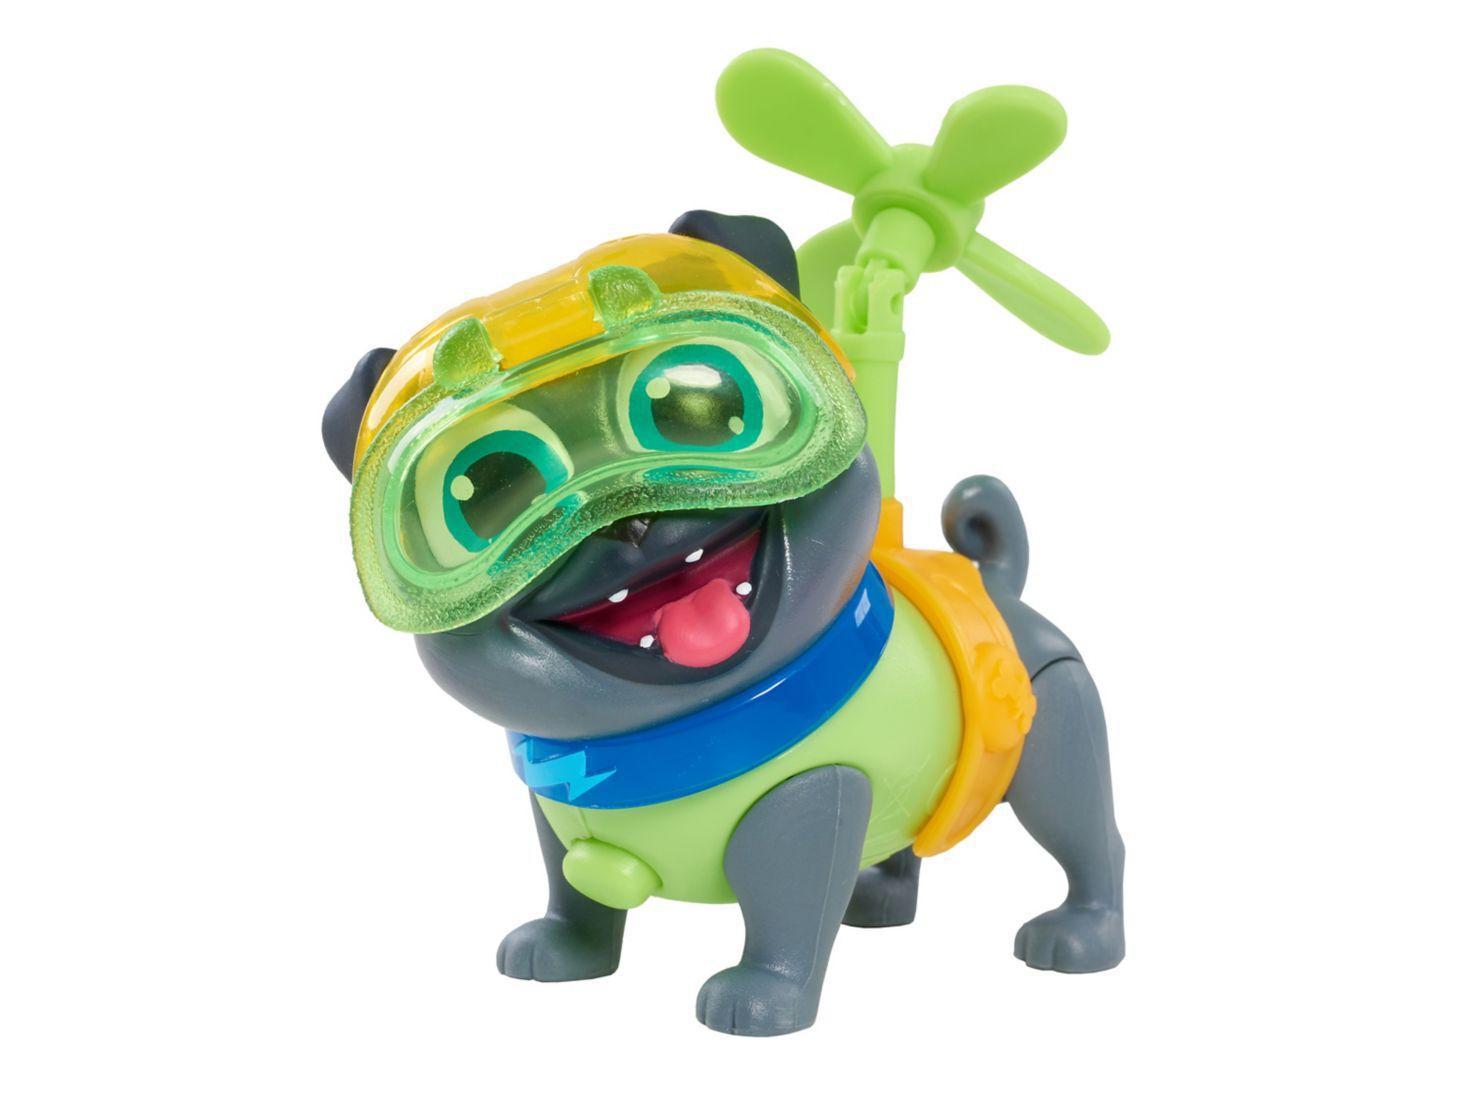 Bingo de Misión Puppy Dog Pals Disney - Figuras Articuladas  f542d553427